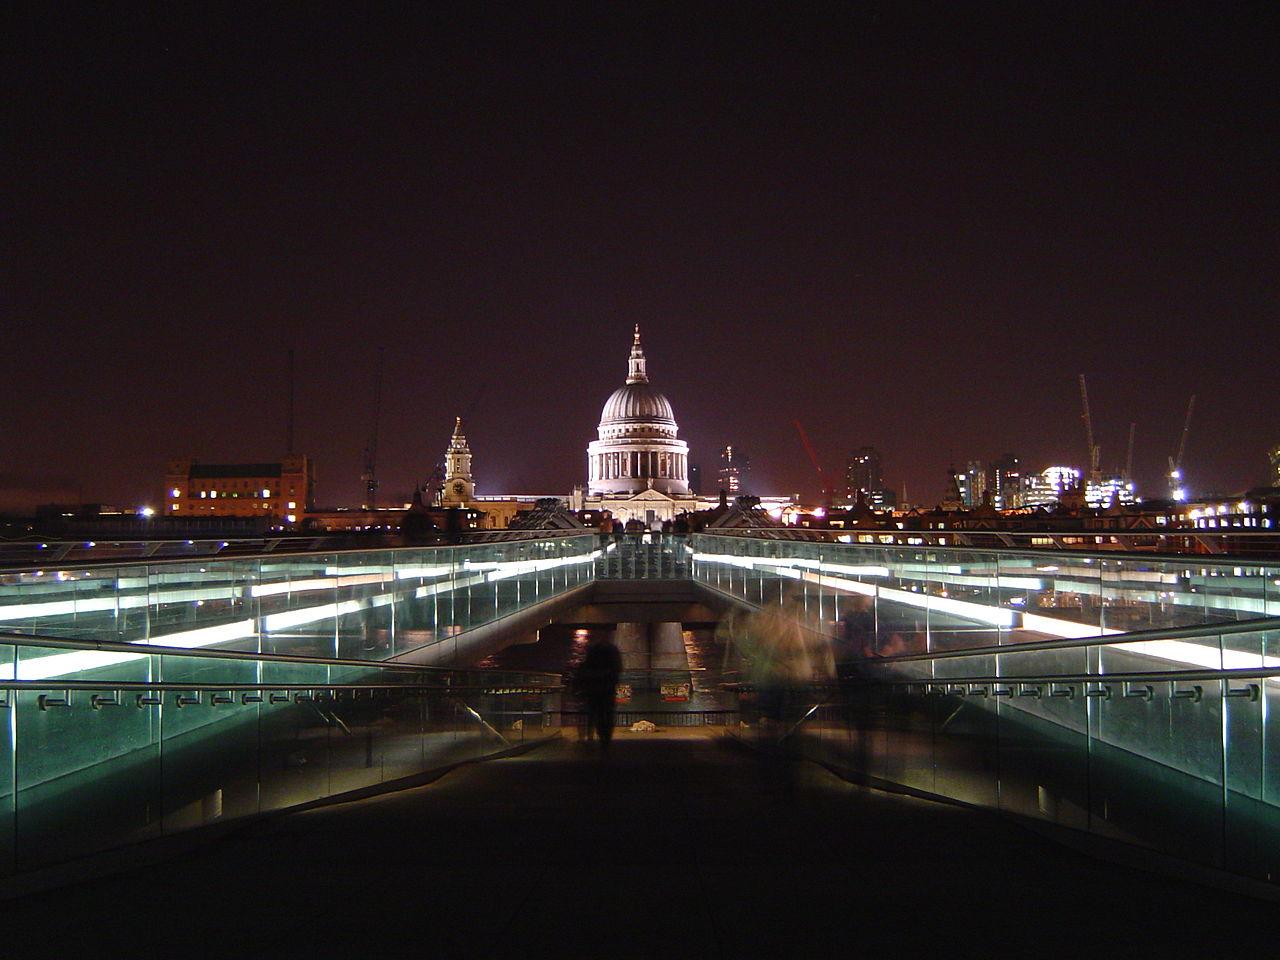 1280px-St_Pauls_and_Millennium_Bridge_at_night